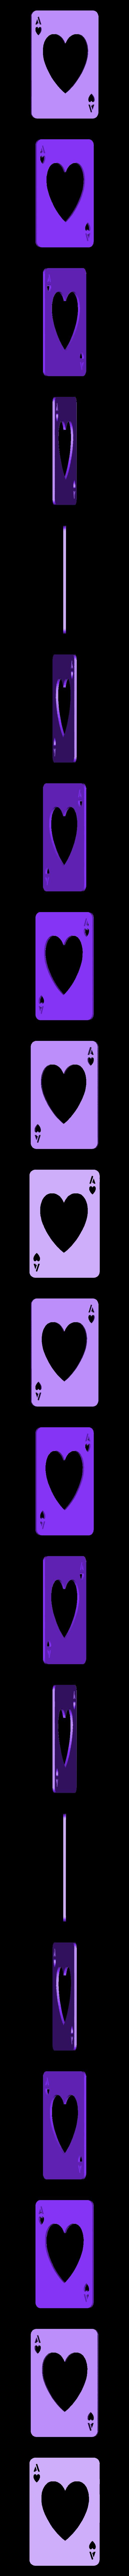 Hearts_1_hole.stl Télécharger fichier SCAD gratuit Les cartes à jouer • Objet imprimable en 3D, yvrogne59